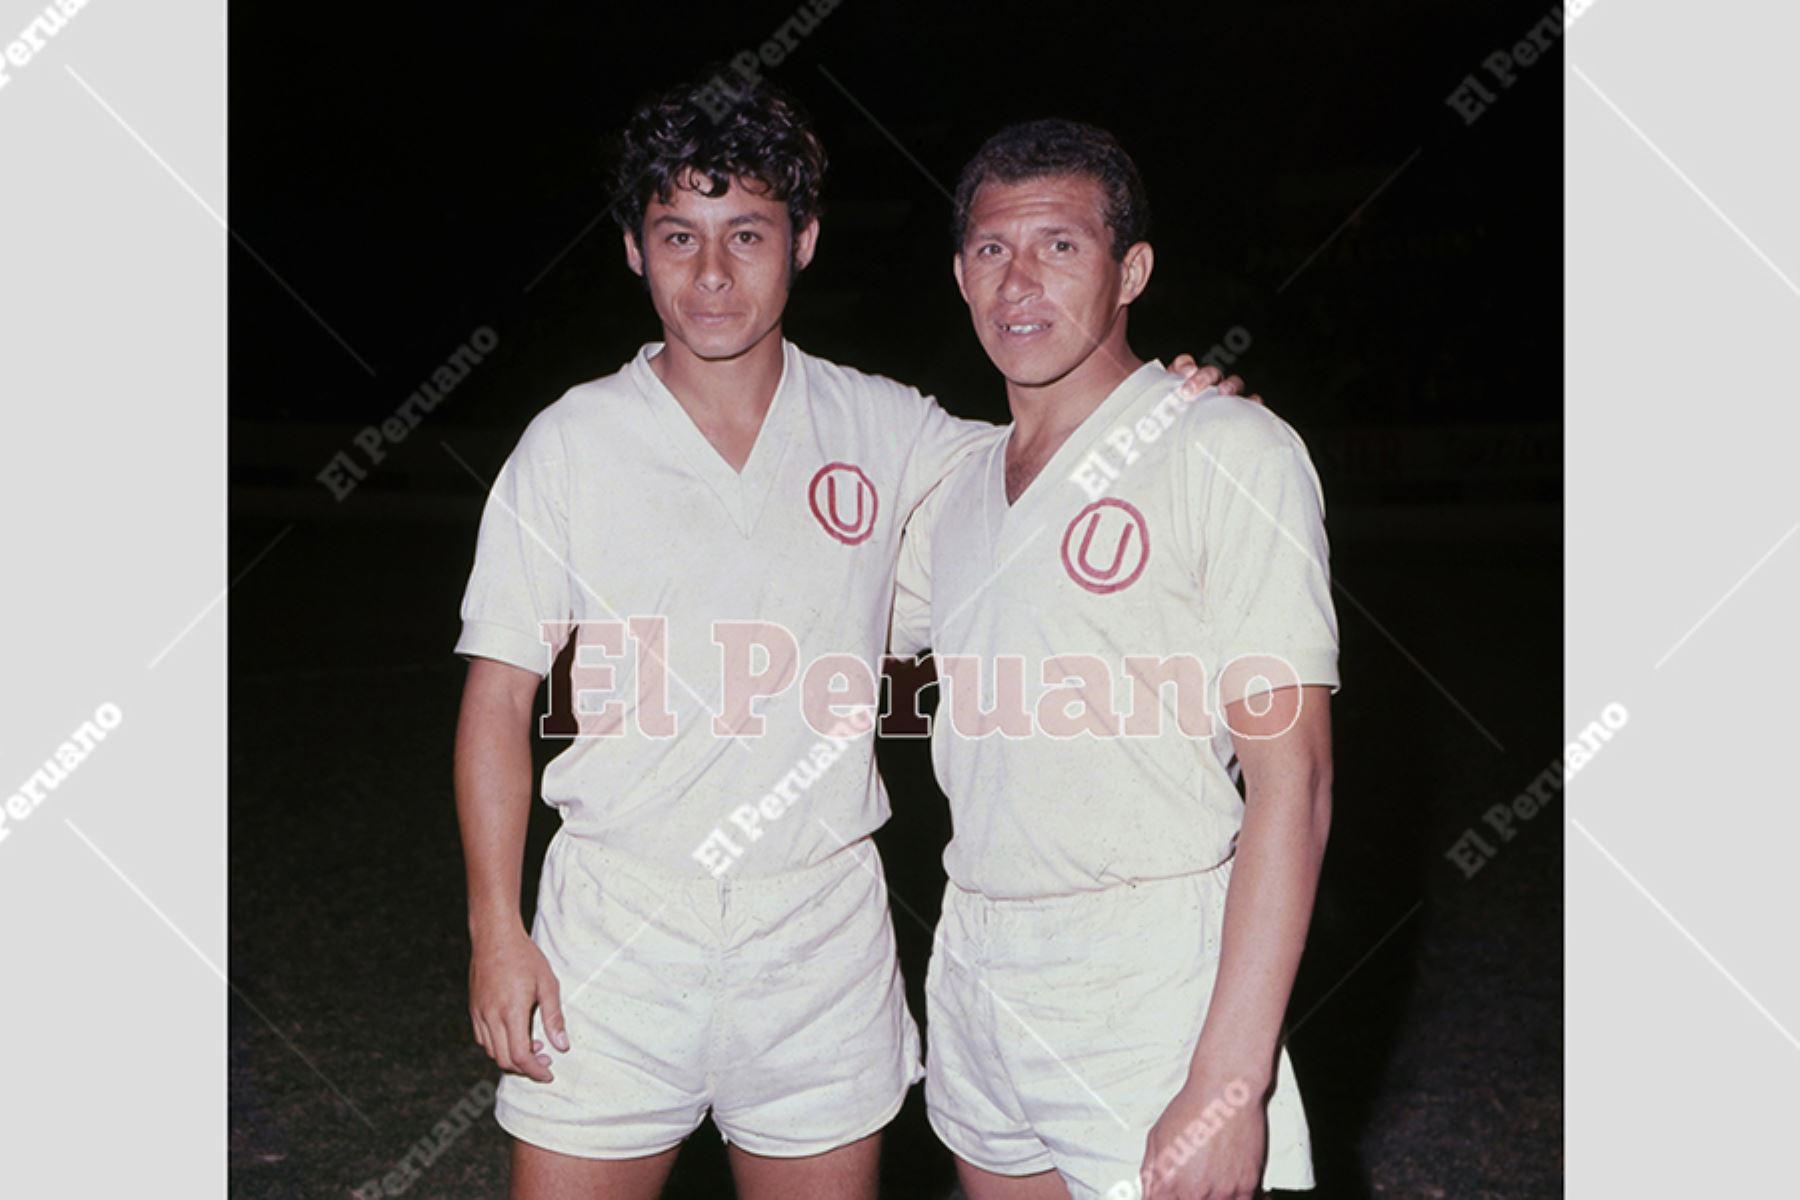 Roberto Chale y Luis Cruzado, figuras del mediocampo de Universitario de Deportes. Foto: Archivo Histórico de El Peruano